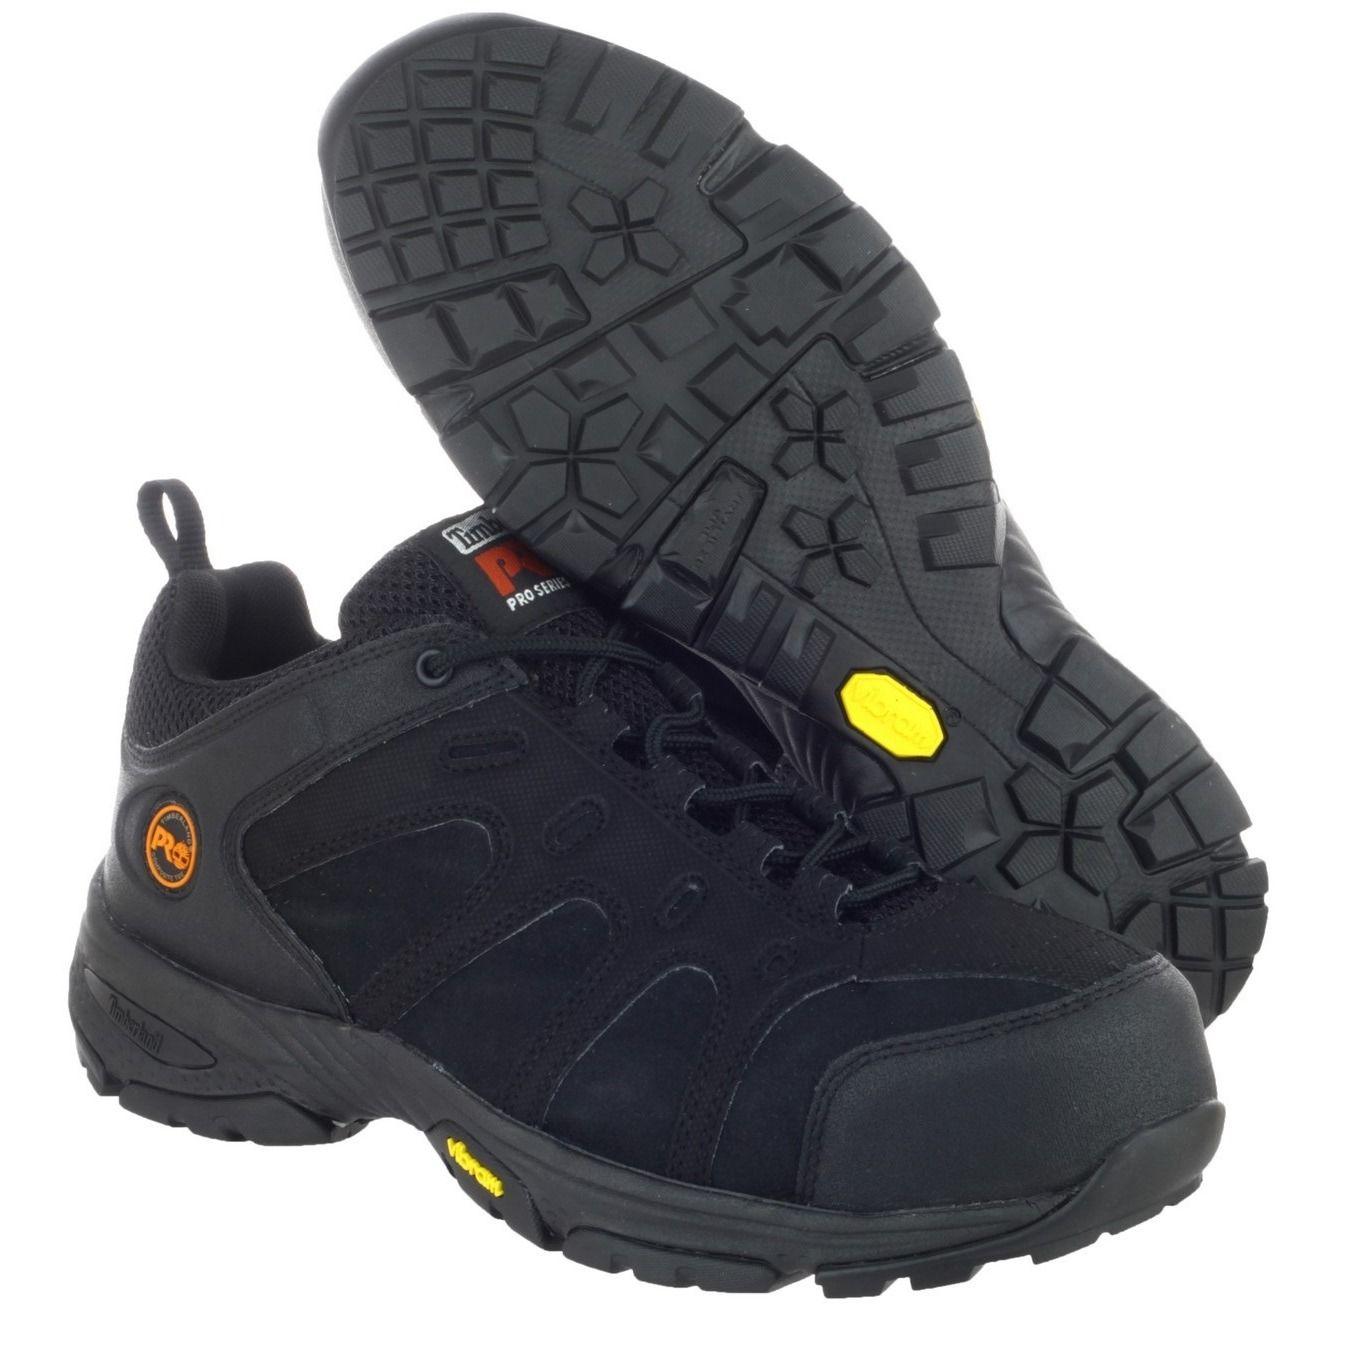 Nota De confianza vacío  Timberland Pro Wildcard Safety Trainer   Workwear Express